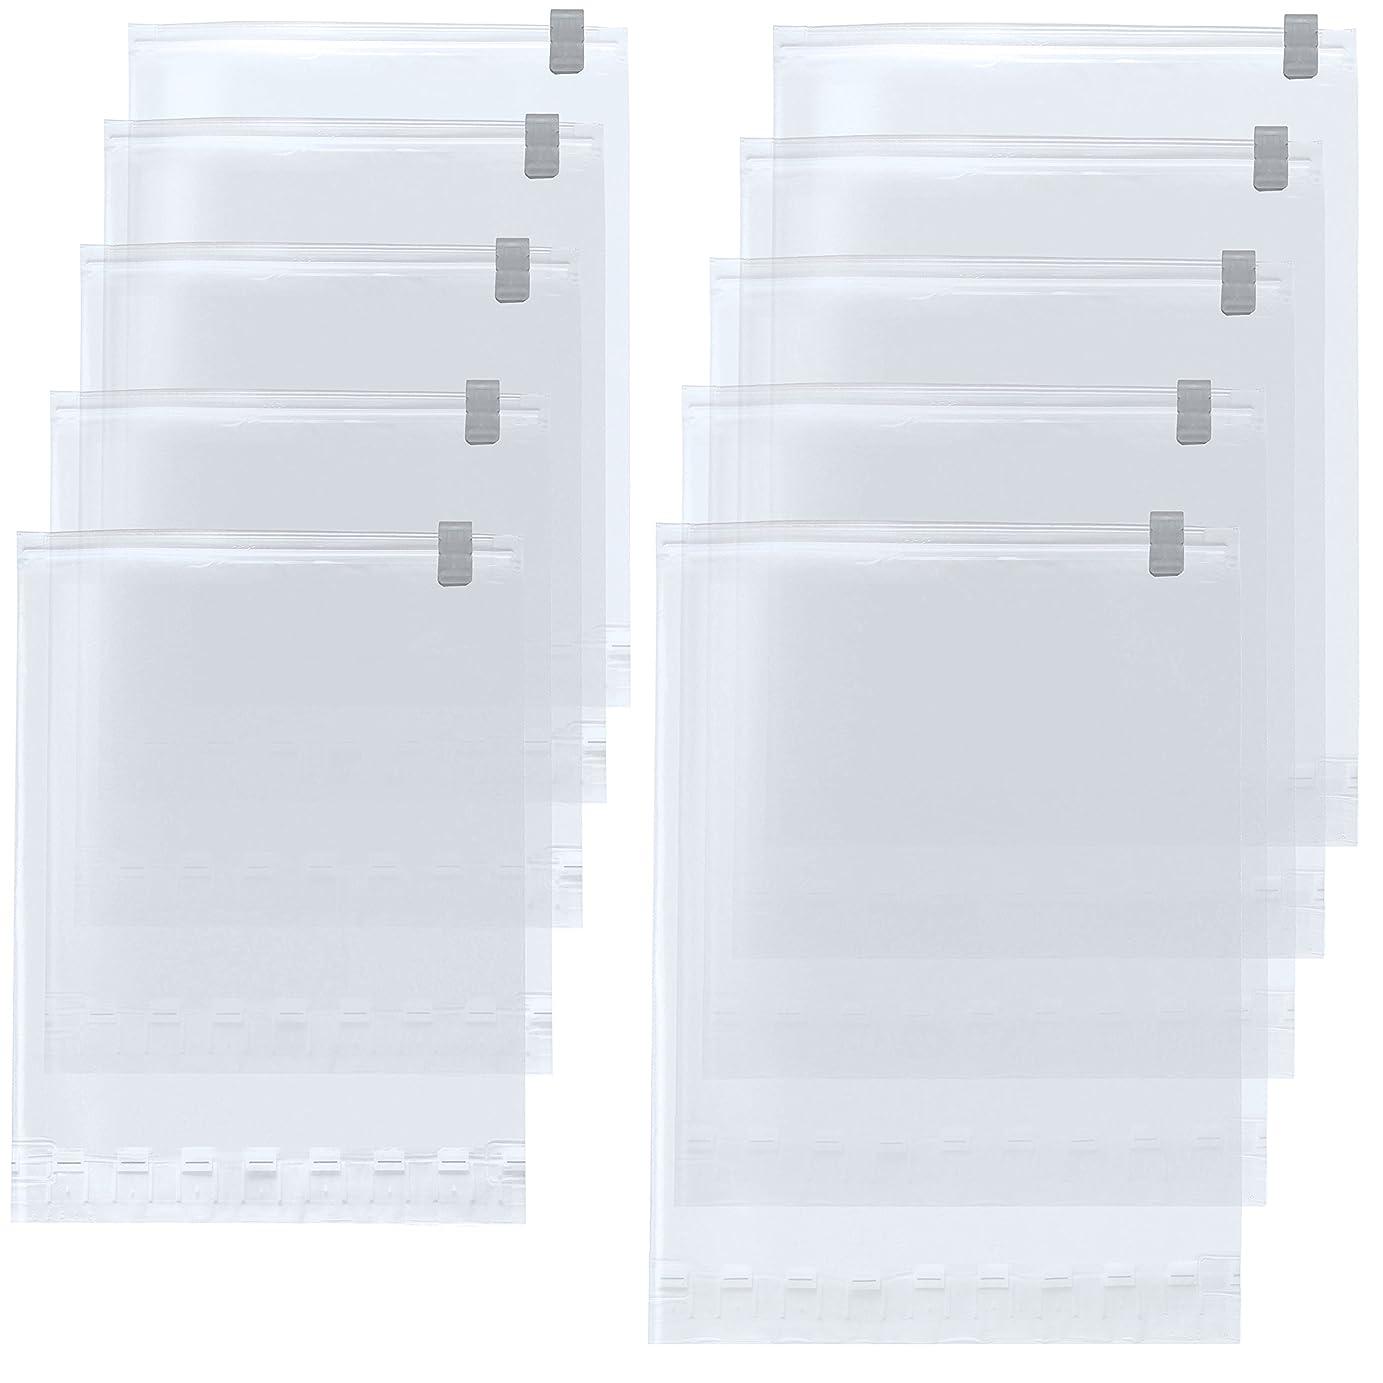 リード艦隊聡明【Amazon.co.jp限定】 掃除機不要!  衣類圧縮袋 M?L 各5枚 10枚組 日本製 旅行 旅行用